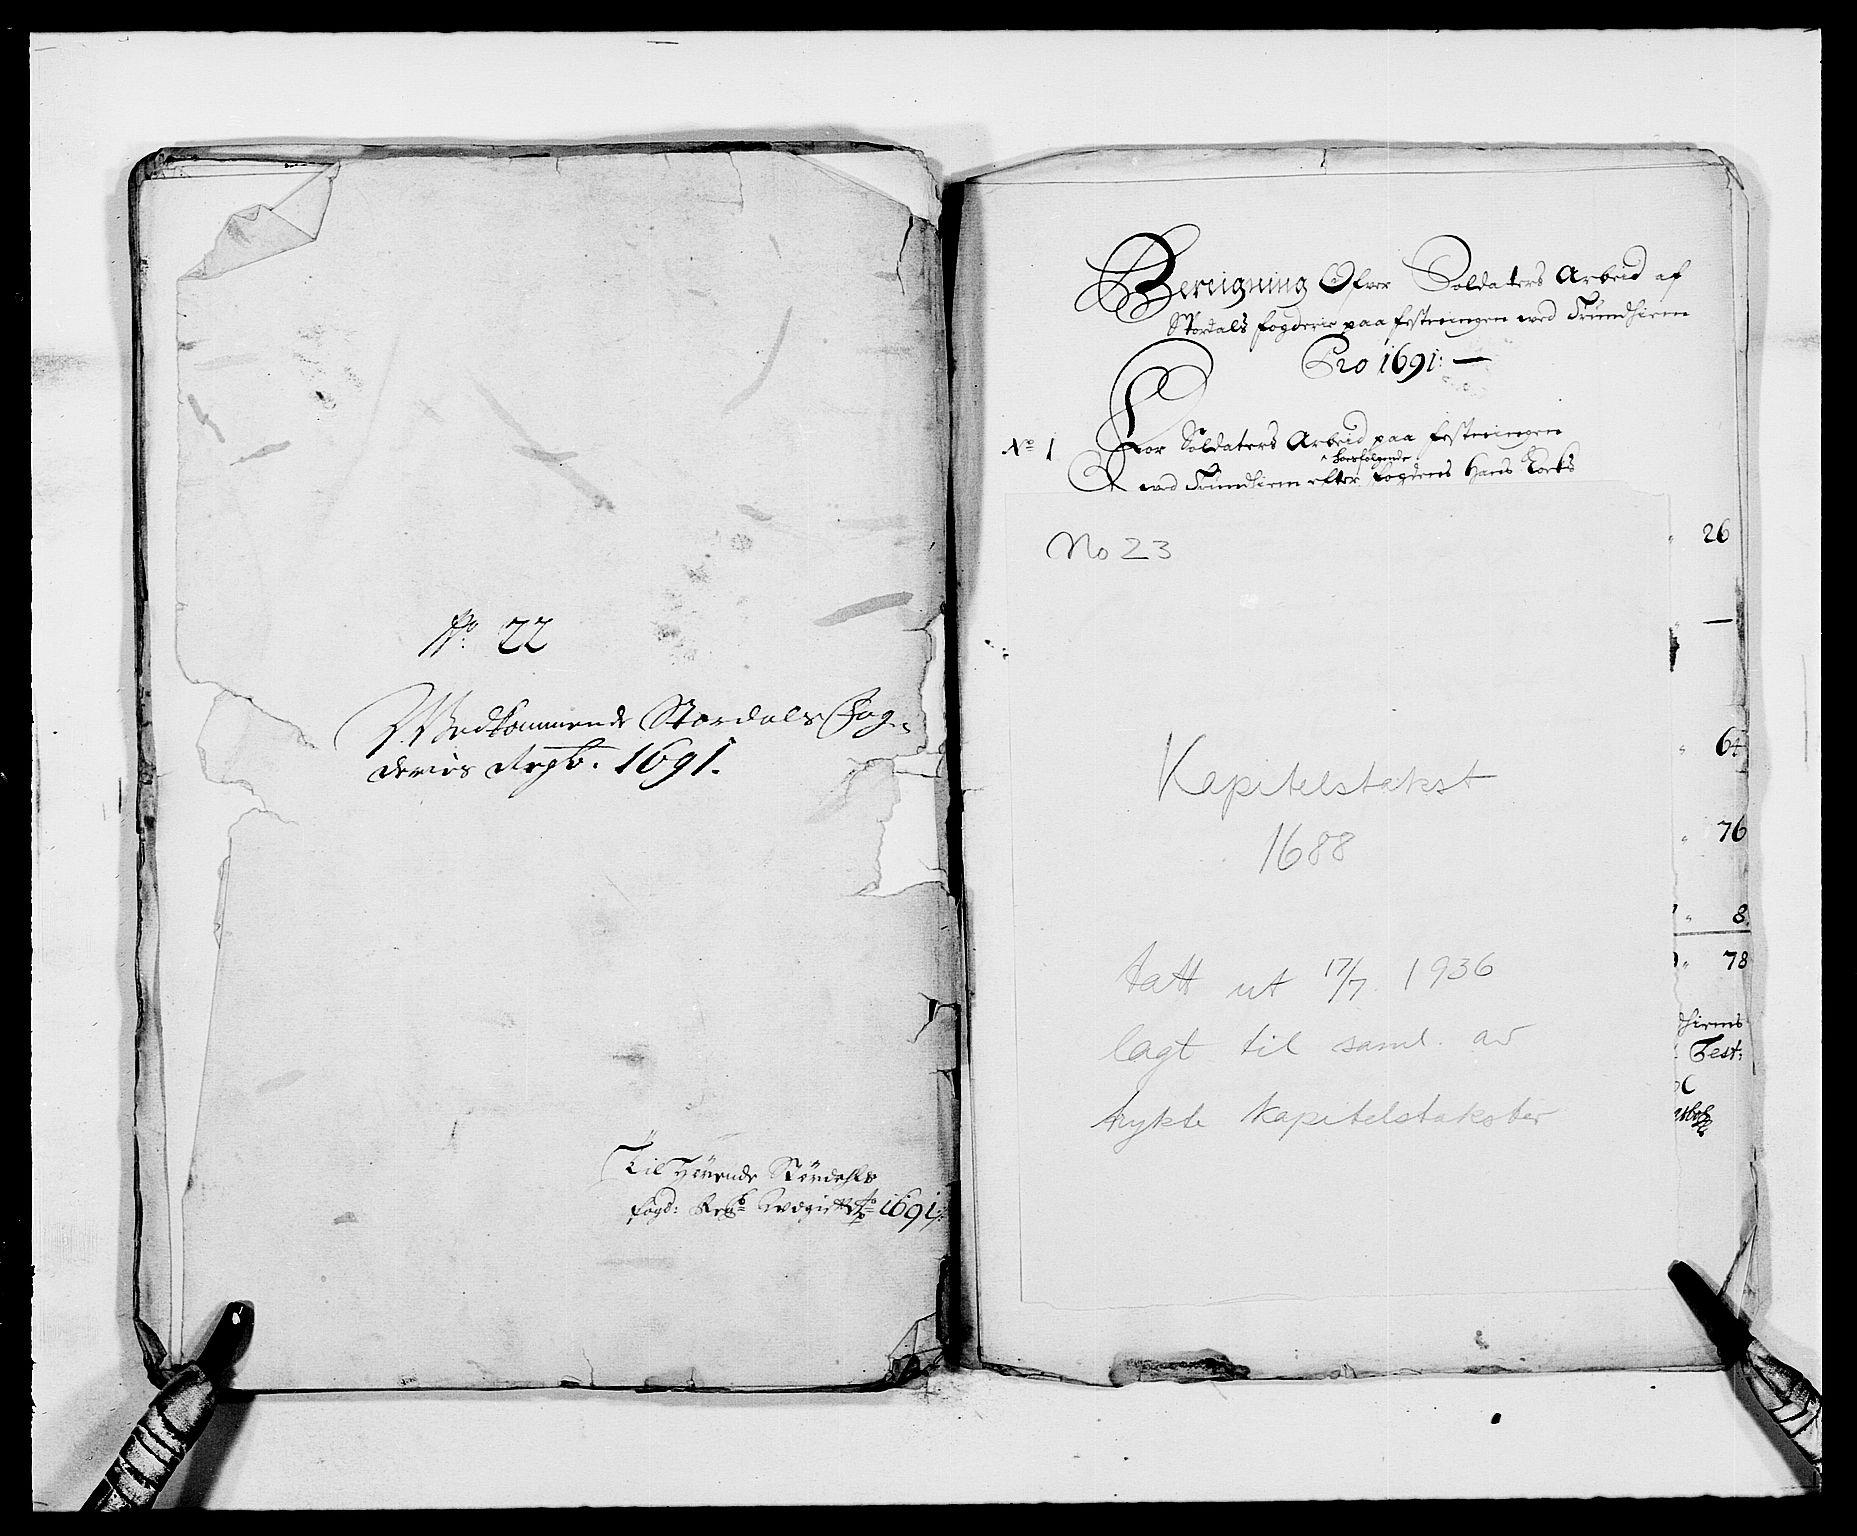 RA, Rentekammeret inntil 1814, Reviderte regnskaper, Fogderegnskap, R62/L4184: Fogderegnskap Stjørdal og Verdal, 1690-1691, s. 476